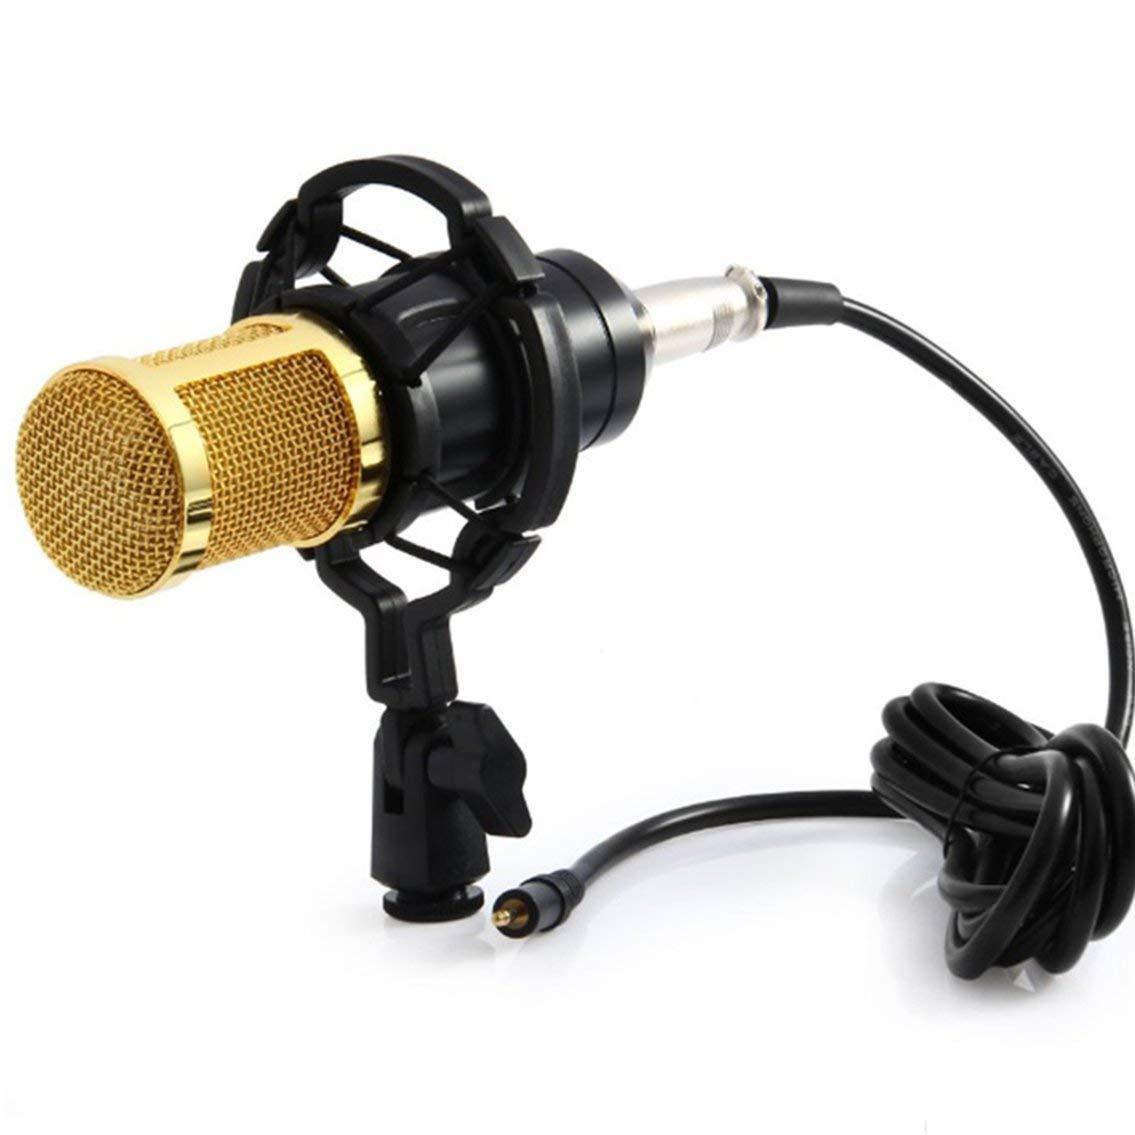 BM 800 BM800 mikrofon mic Para KTV karaoke microfone condensador de estúdio de Rádio Broadcasting Gravação Cantar computador bm-800